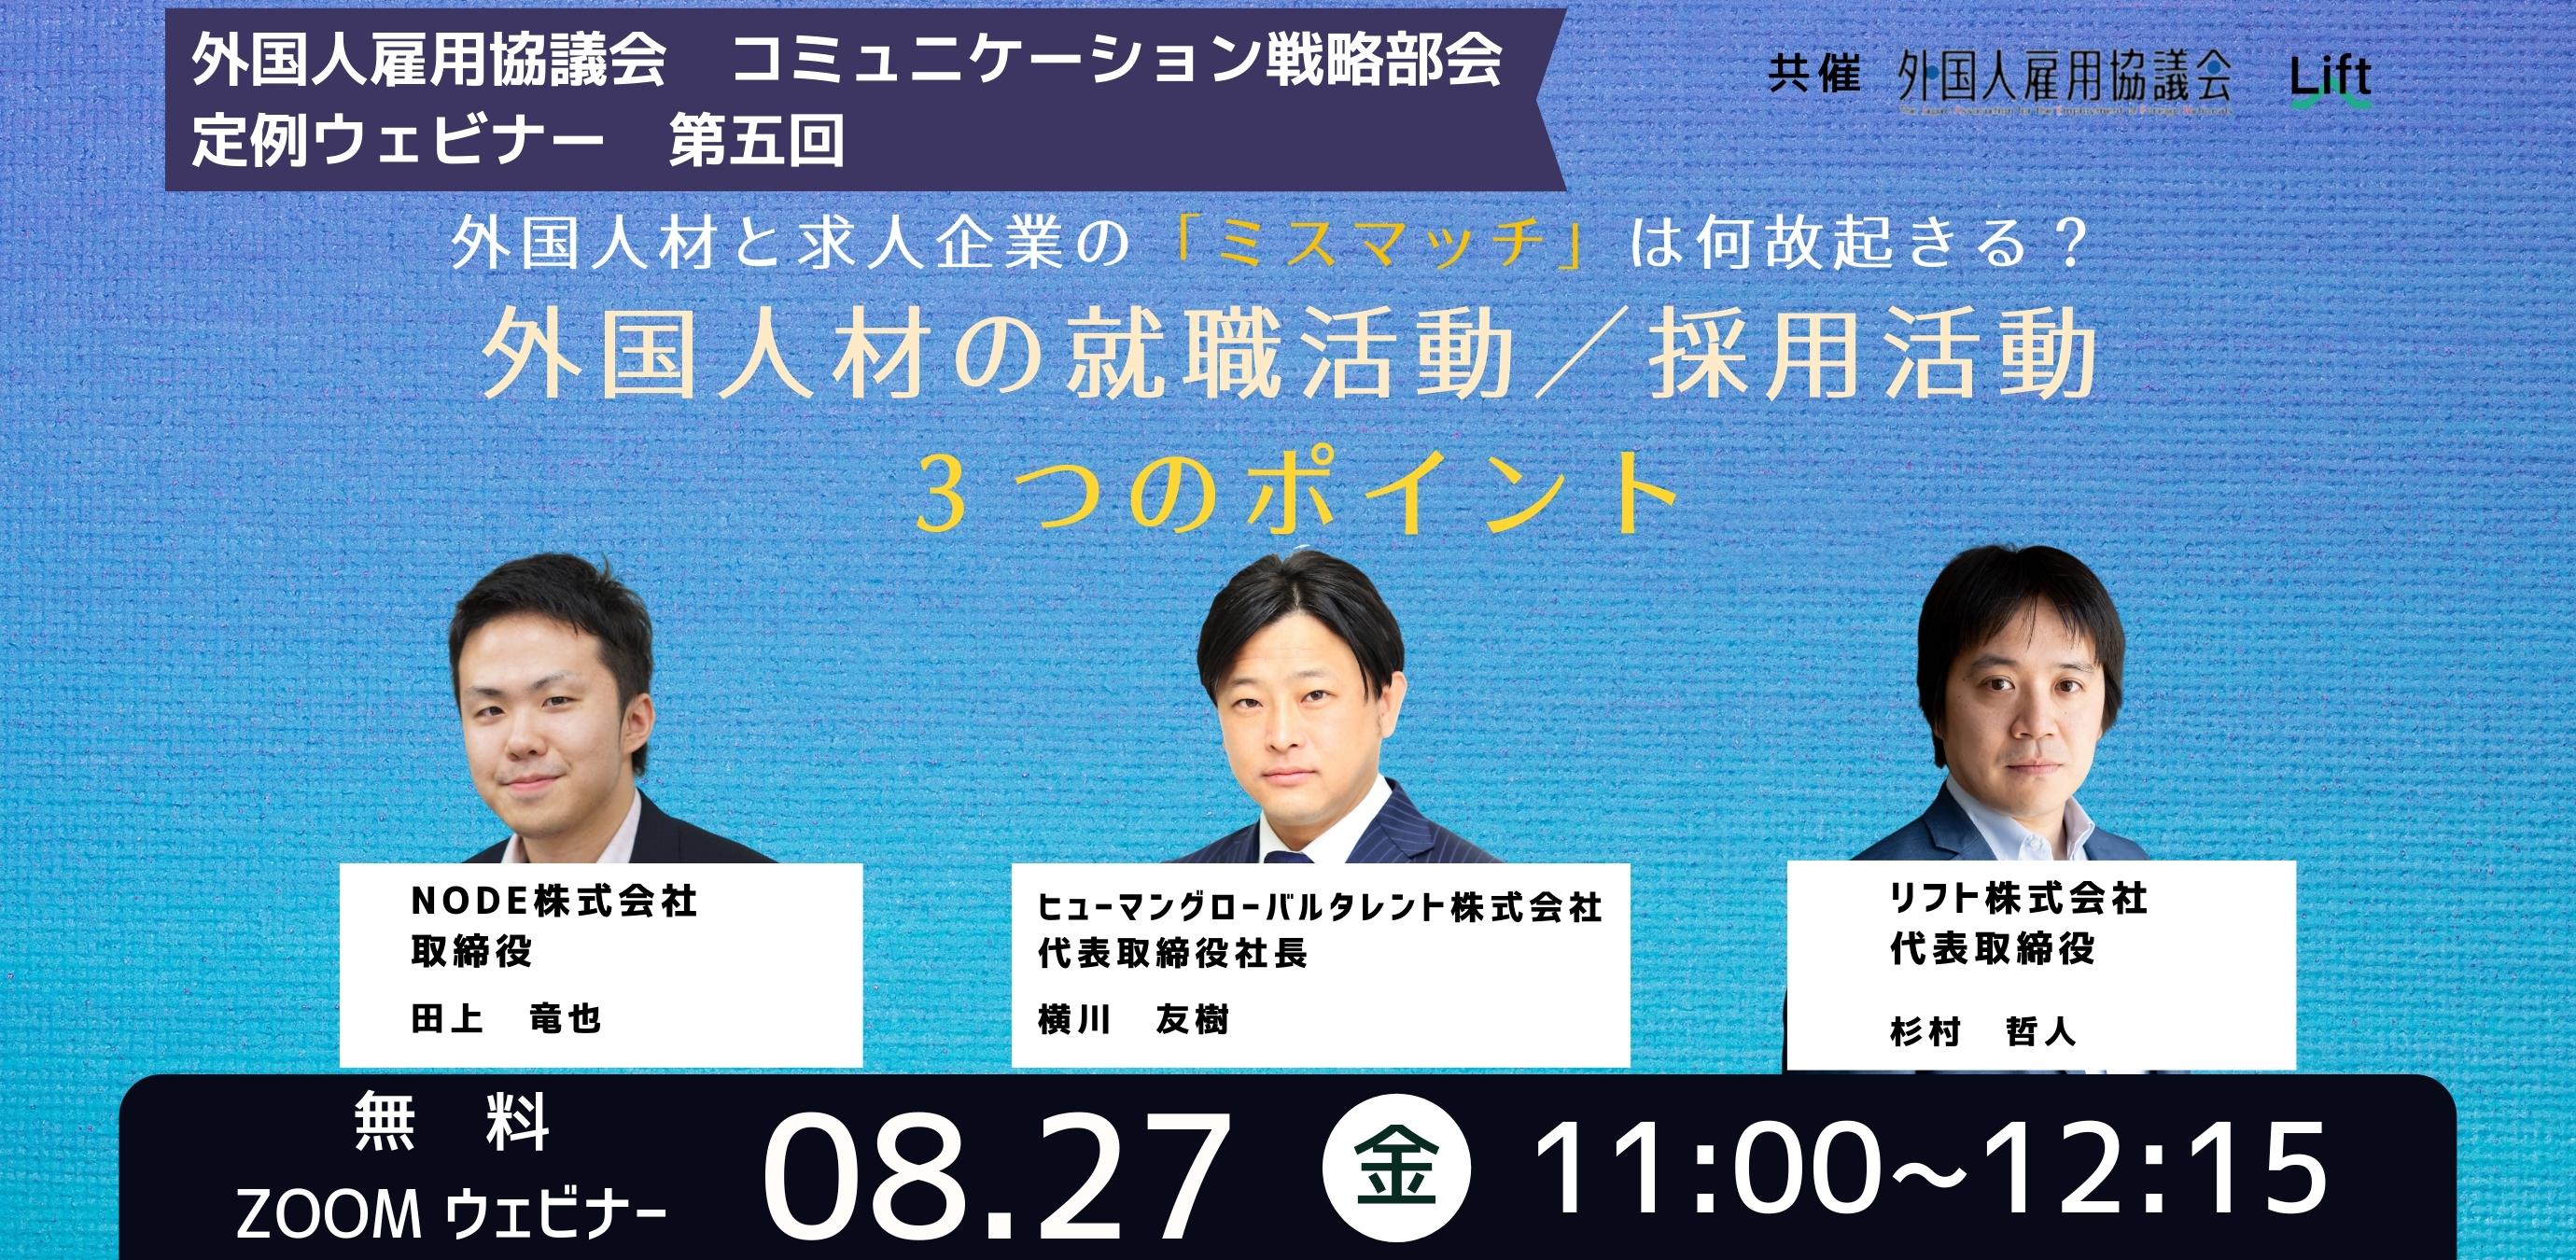 8月度 外国人雇用協議会定例ウェビナー 『外国人材の就職活動/採用活動3つのポイント』